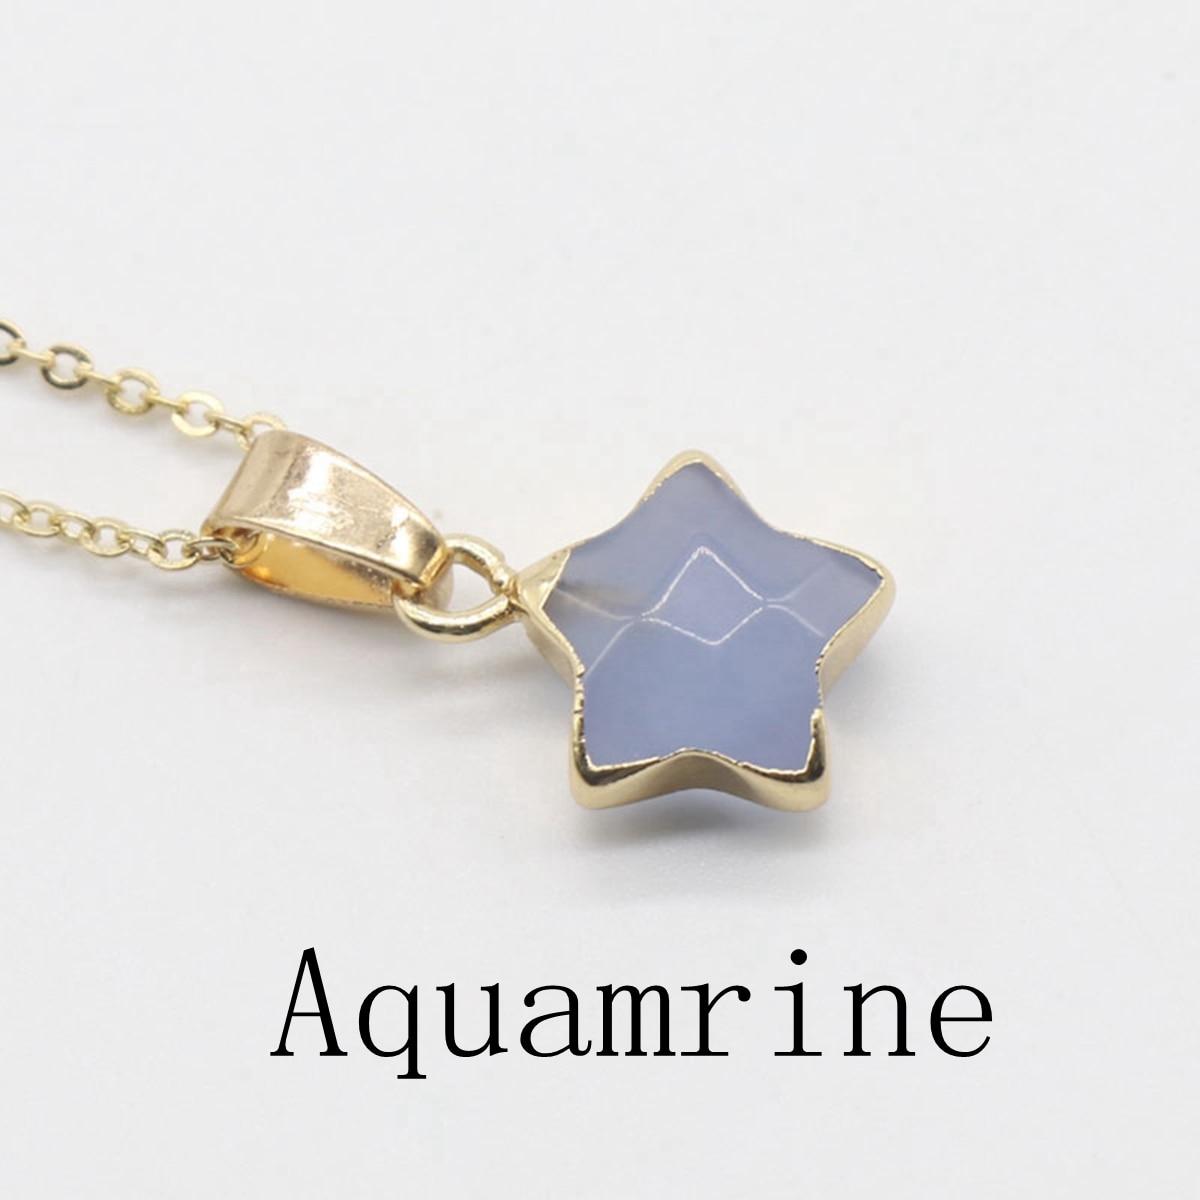 Aquamrine